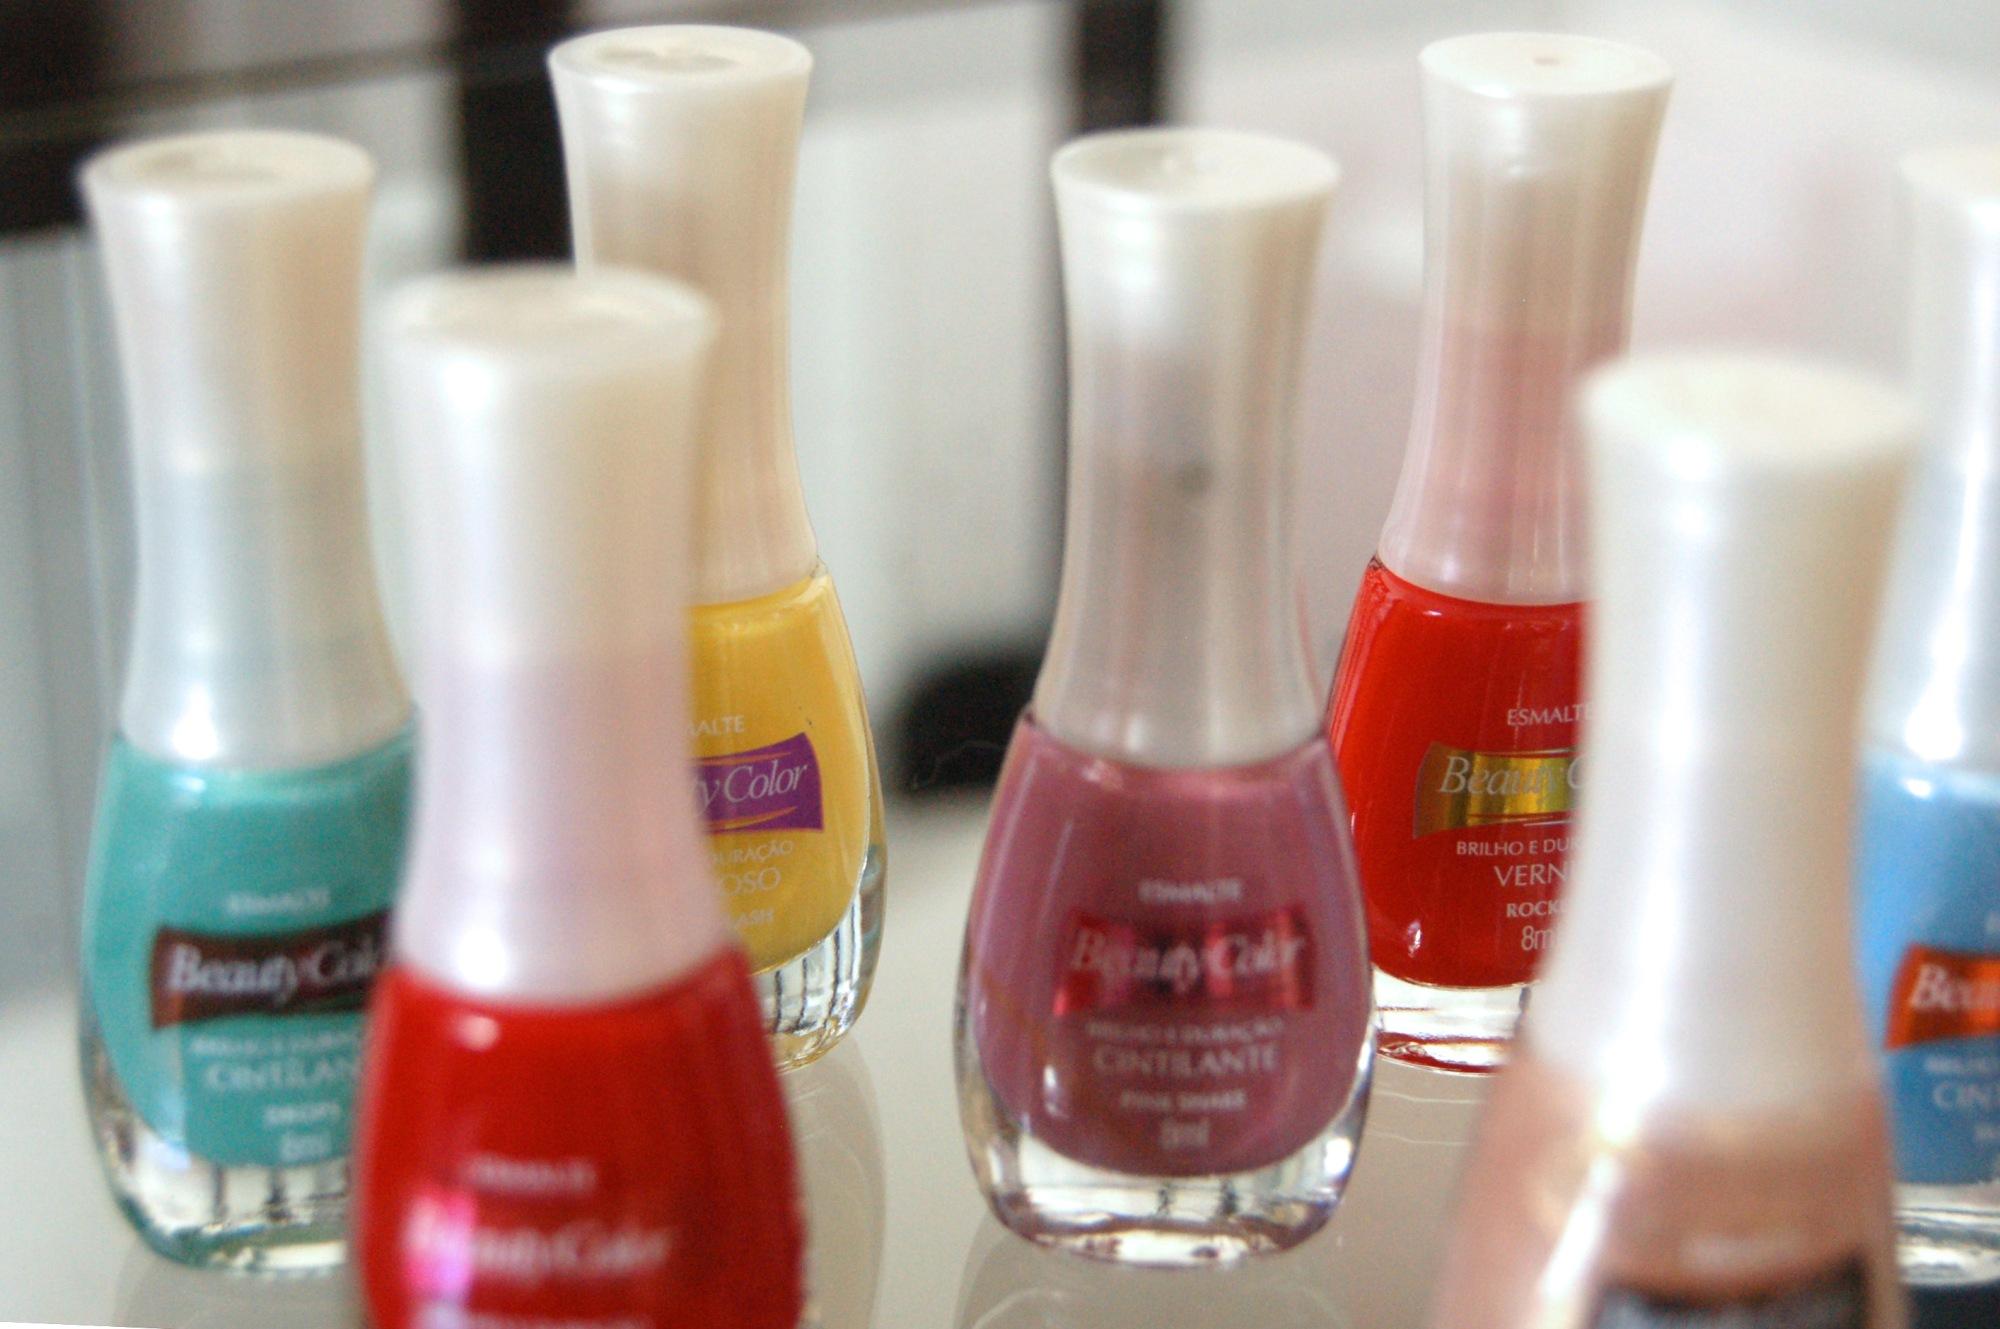 Pin Up Verão - Beauty Color